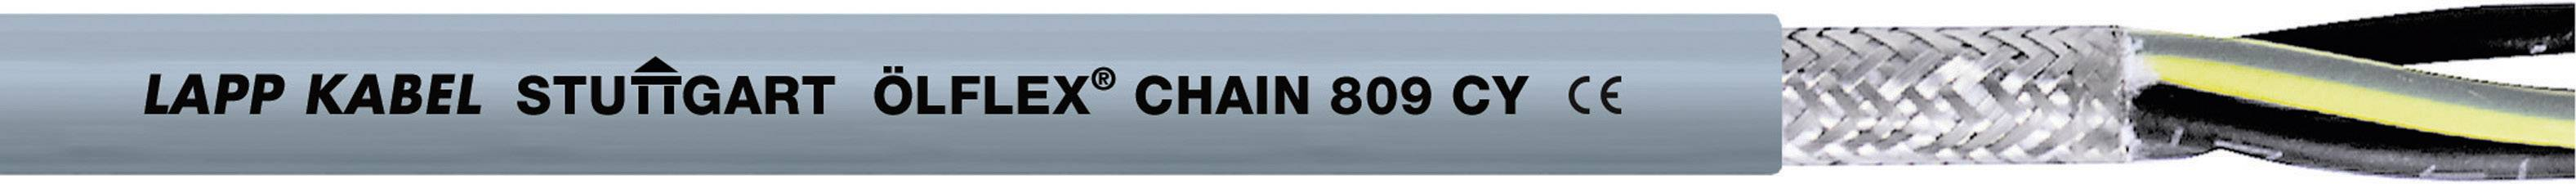 Žíla kabelu LappKabel ÖLFLEX CHAIN 809 CY 18G0,5 (1026757), 18x 0,5 mm², PVC, Ø 11,8 mm, stíněný, 50 m, šedá